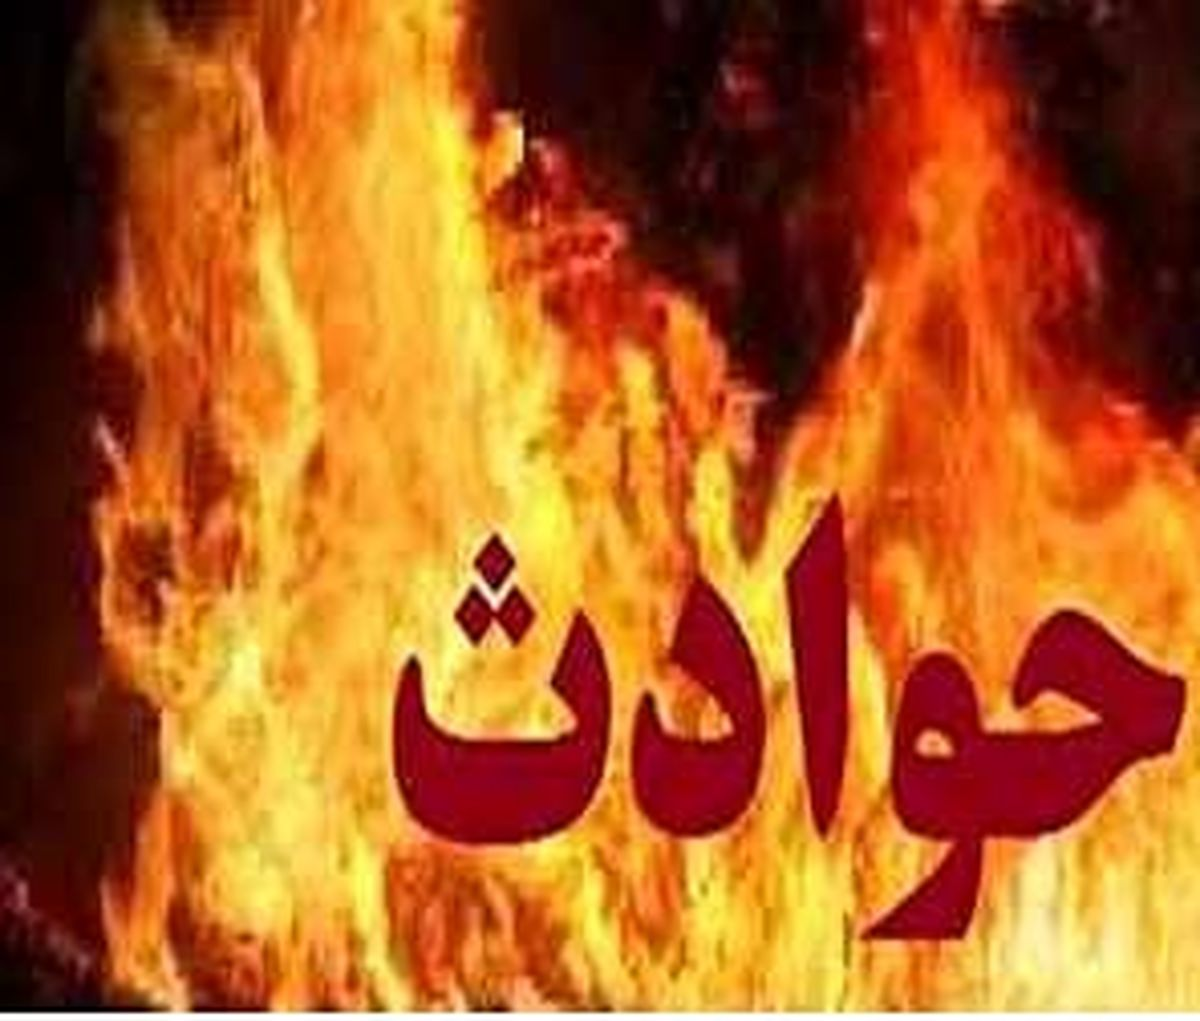 زنده زنده سوختن 6 زن و مرد کارگر در جاجرود + عکس و فیلم